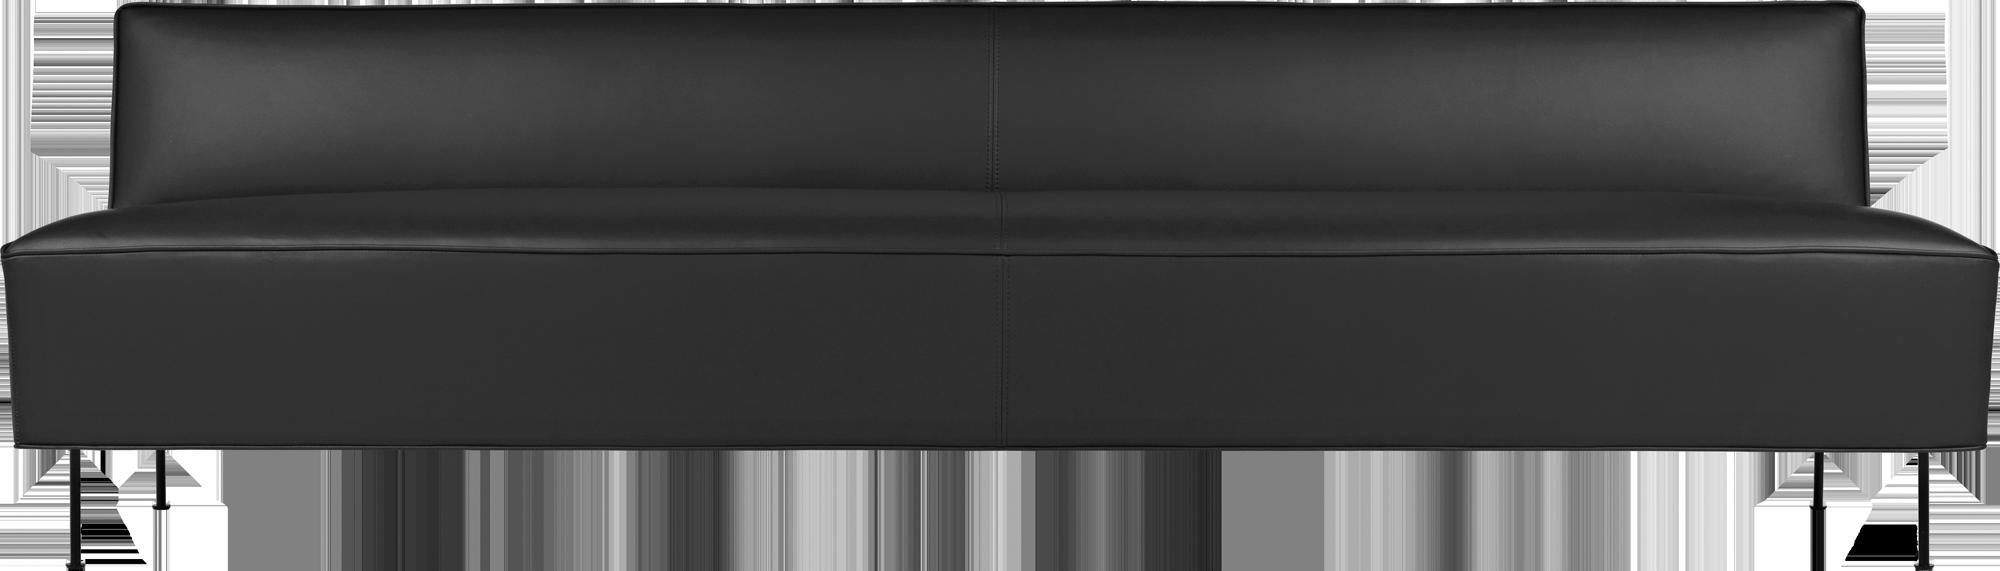 Copy of Modern Line Sofa 240 cm